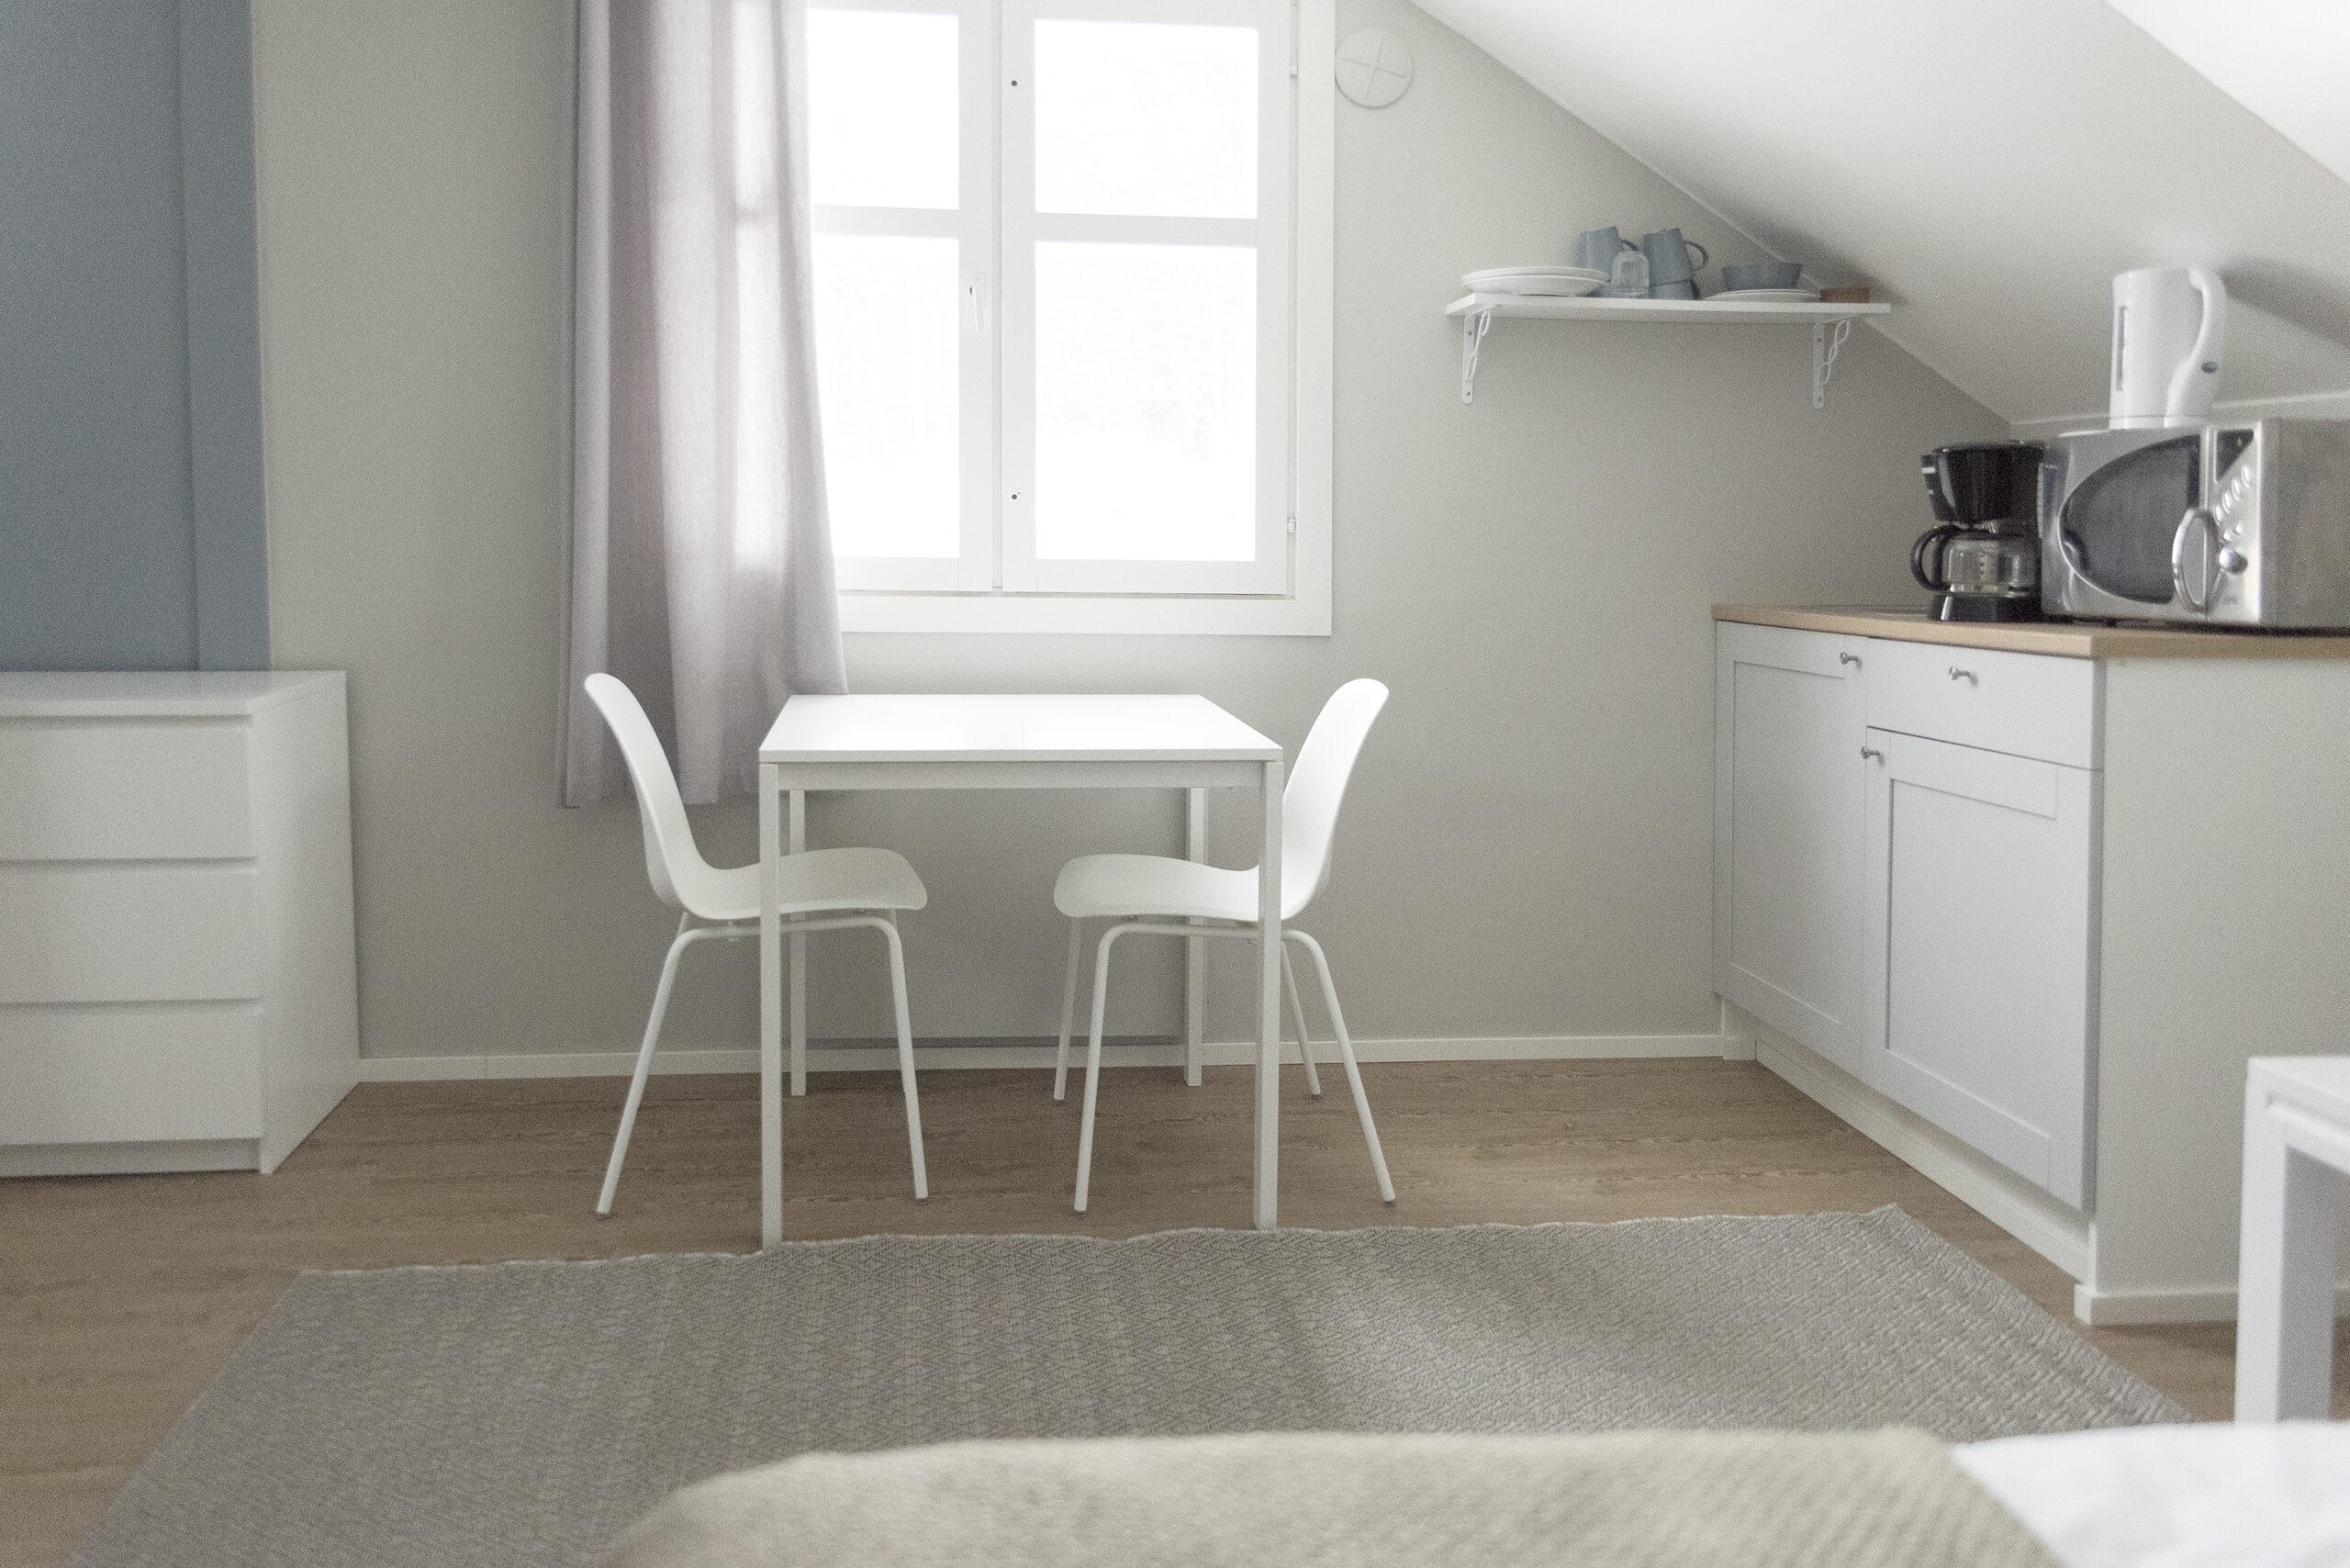 yhden hengen hotellihuone, jossa pieni minikeittiö pöytä ja kaksi tuolia